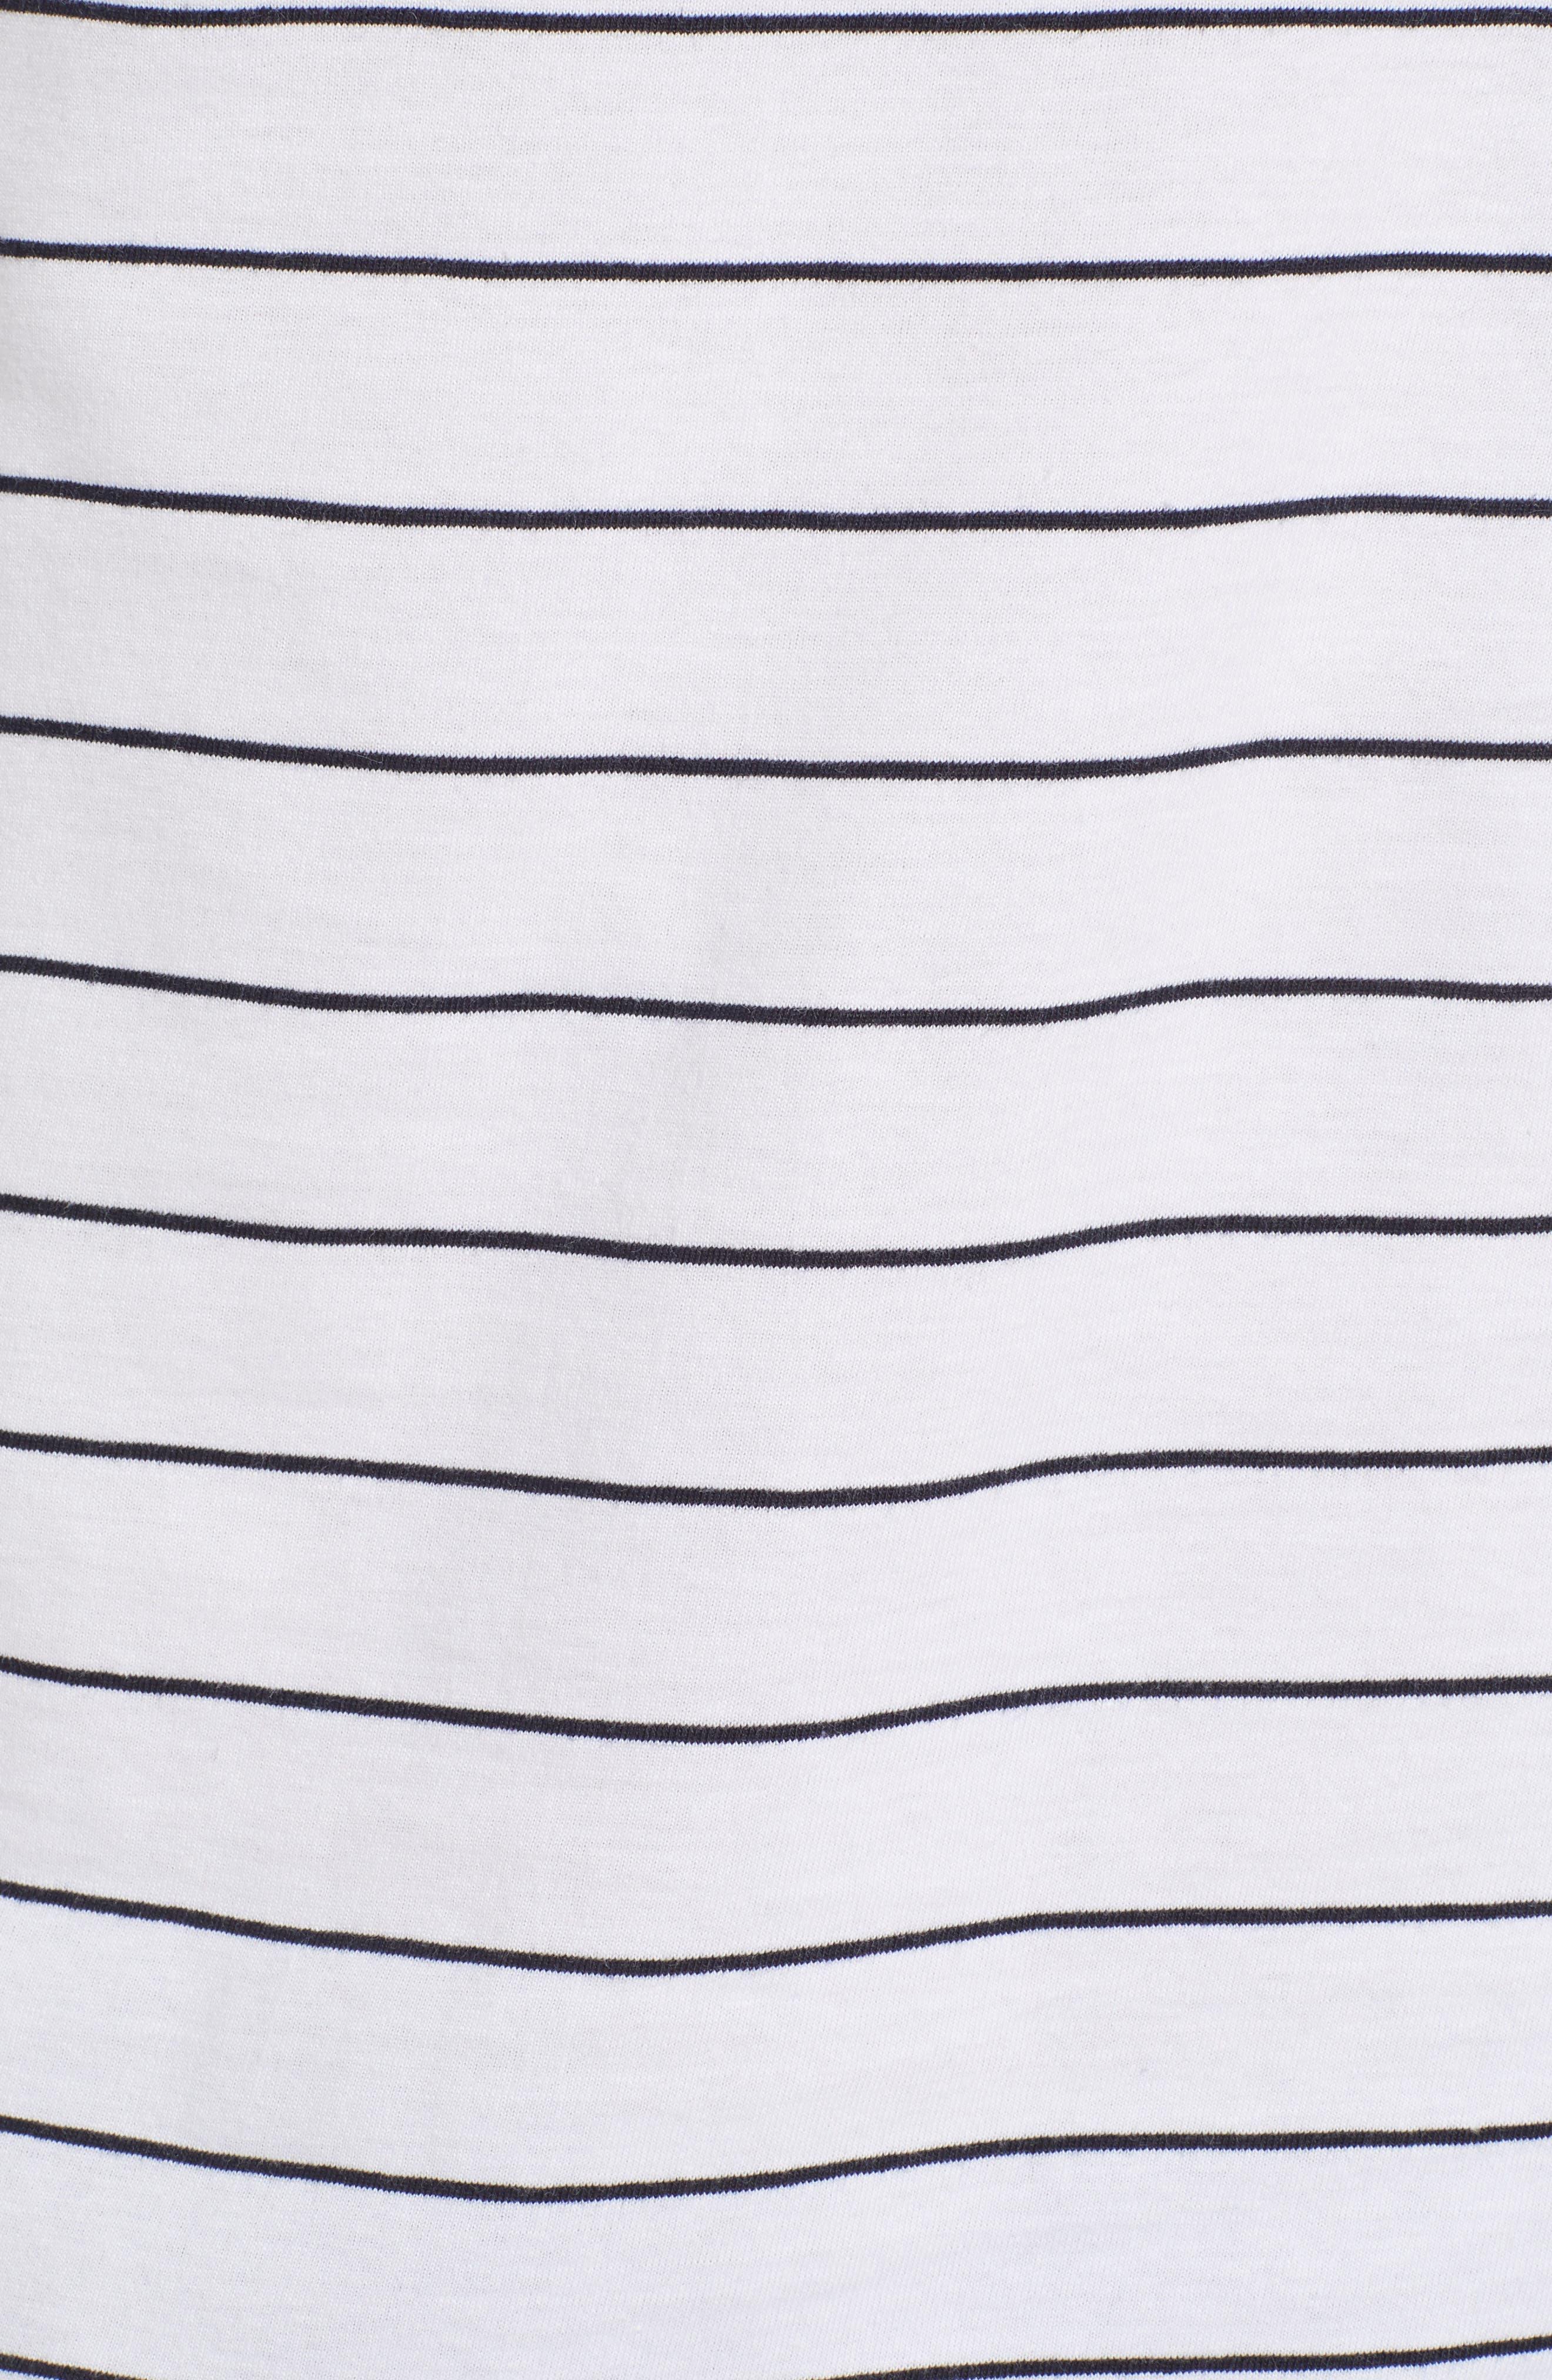 Summer Graded Stripe Pocket T-Shirt,                             Alternate thumbnail 5, color,                             WHITE MARINE BLUE